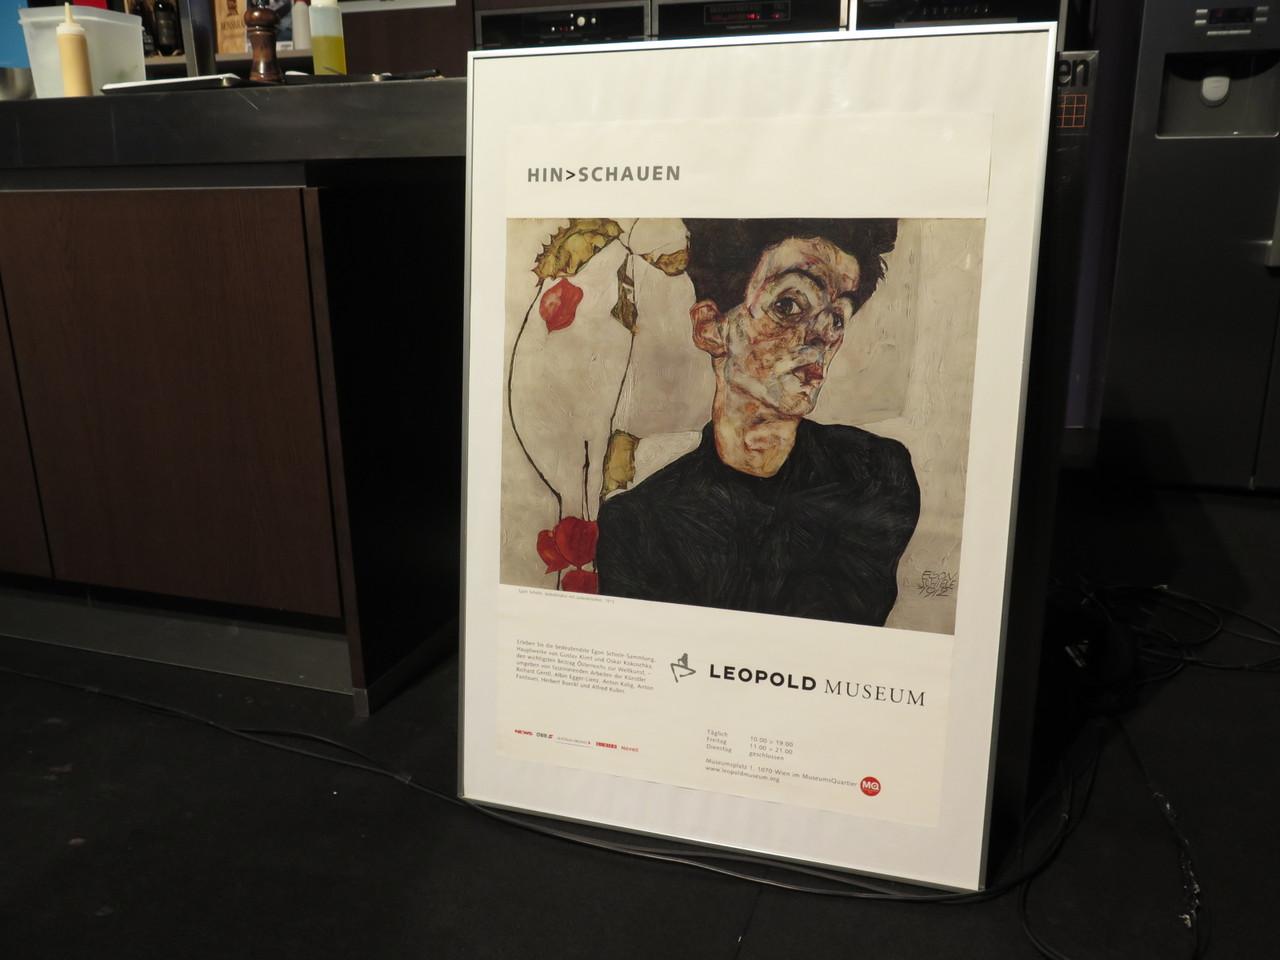 O famoso poster do Leopold Museum que inspirou o nome do restaurante